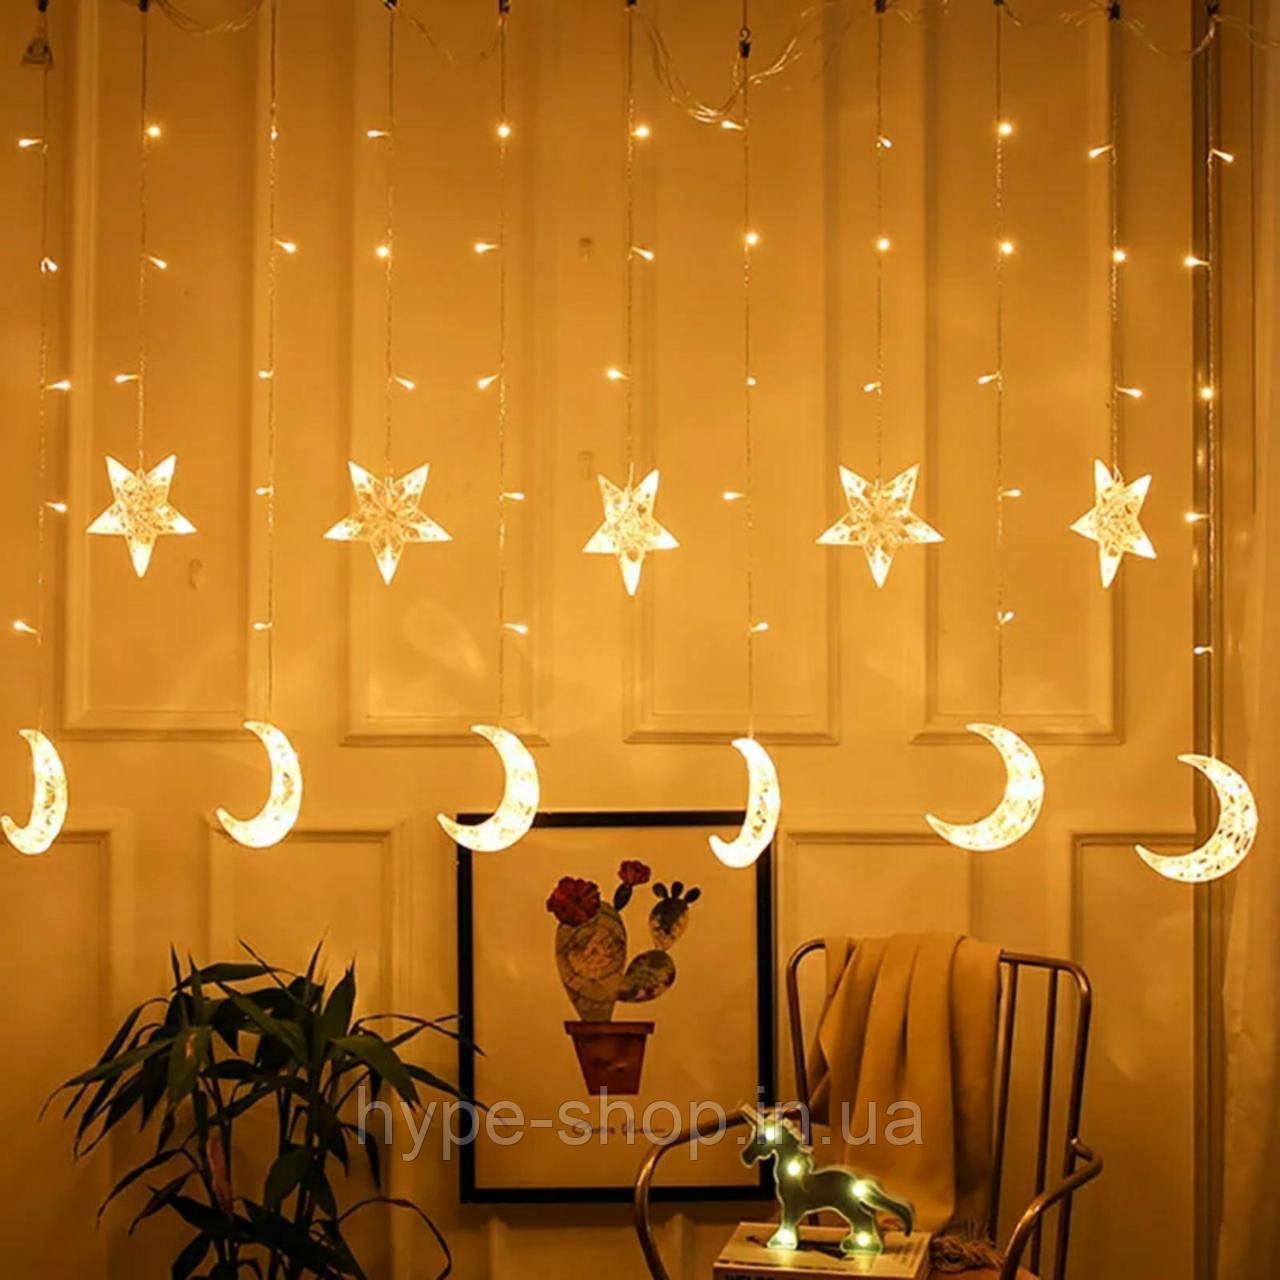 """Светодиодная гирлянда штора """"Луна и звёзды"""" 138 LED 2.5 м. Теплый белый"""